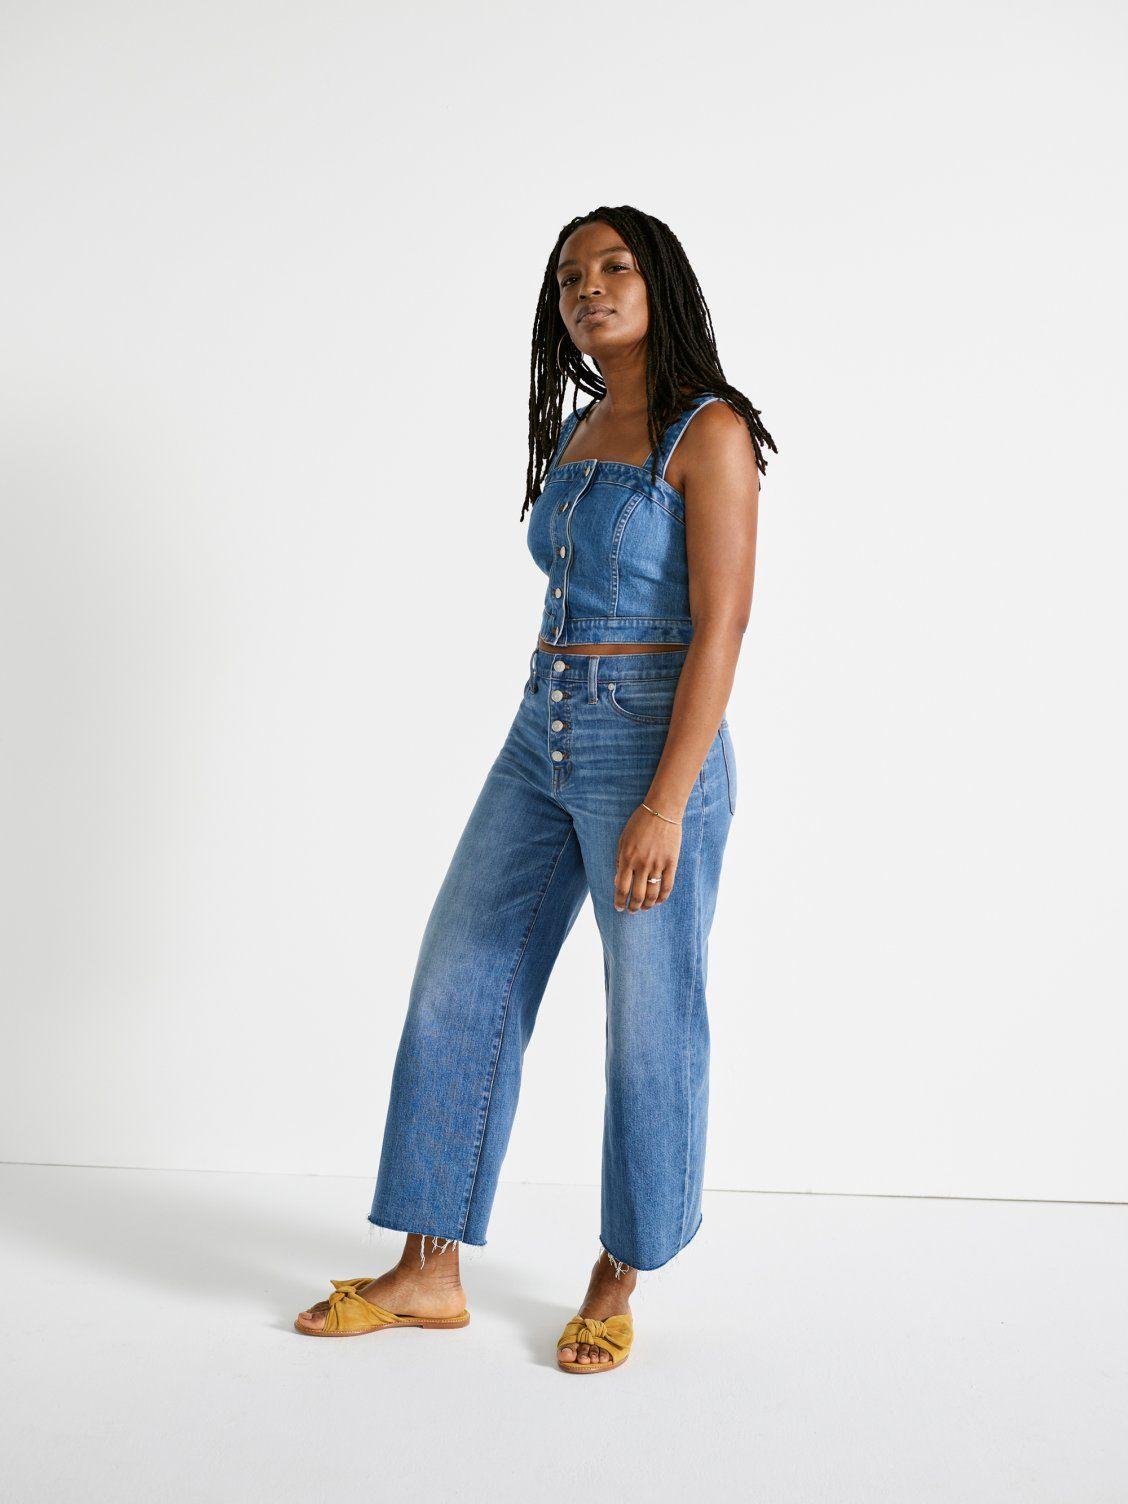 f450060294e35 our friend ebony wears madewell wide-leg crop jeans